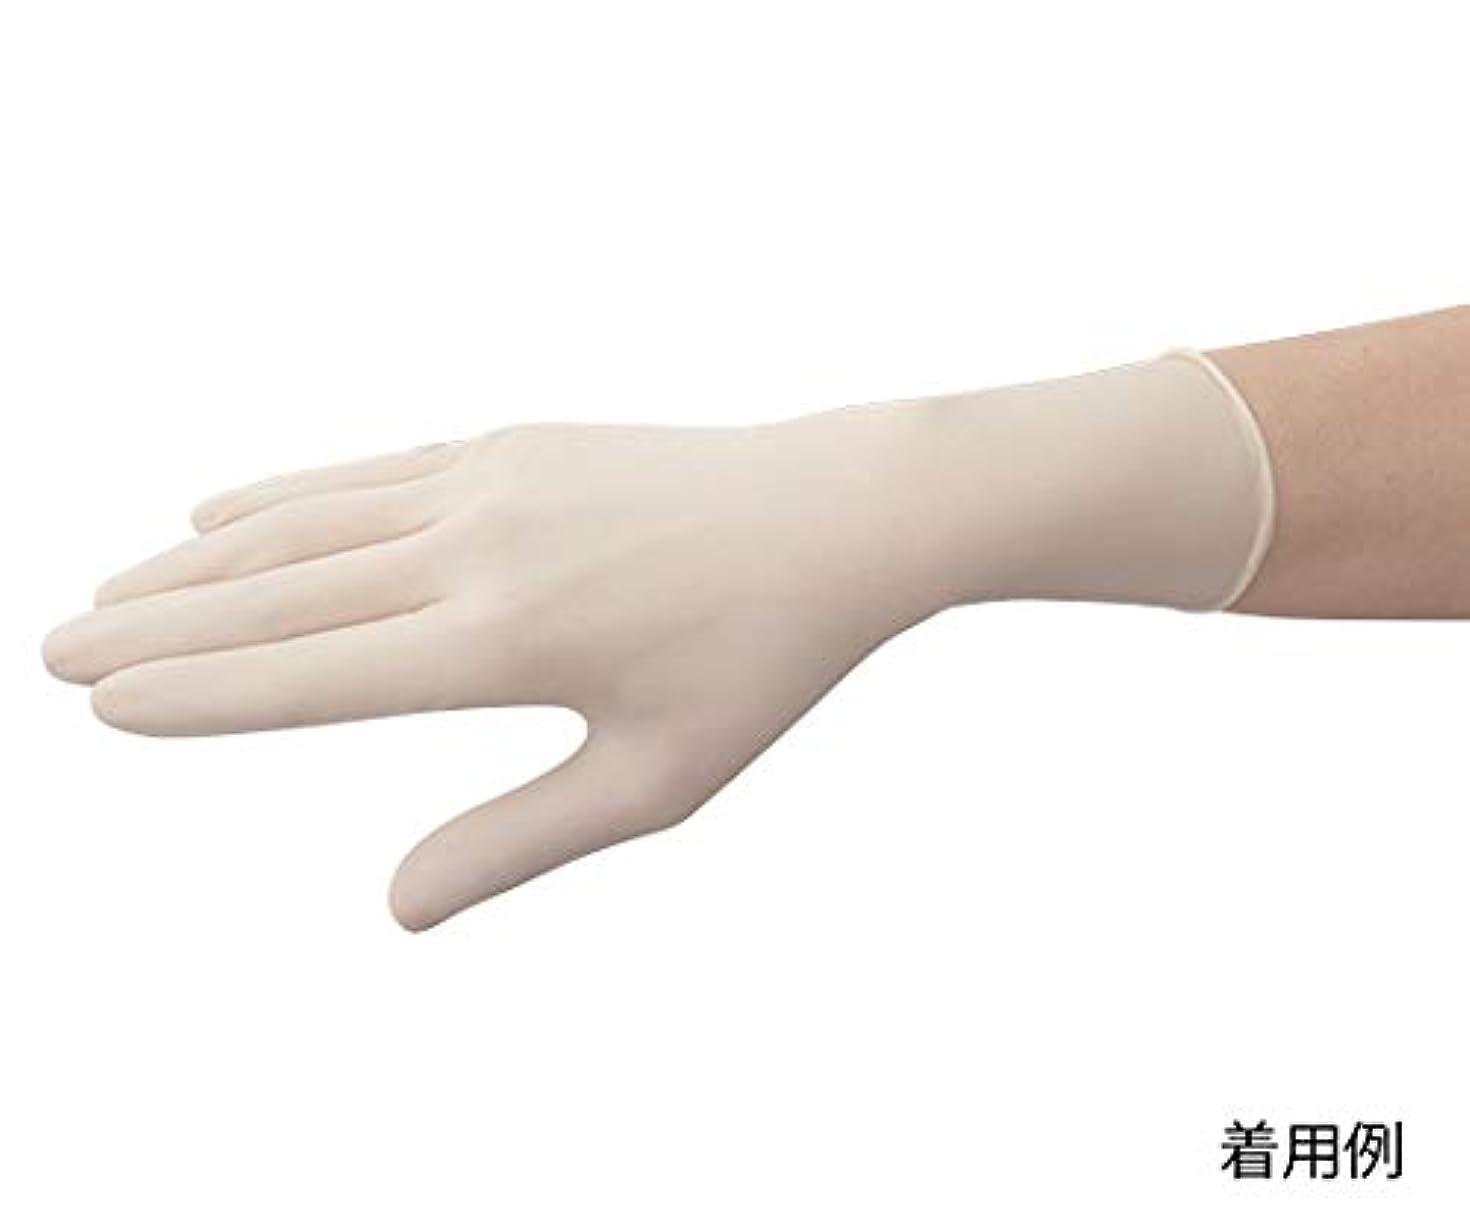 薄めるバックグラウンド徴収東レ?メディカル 手術用手袋メディグリップ パウダーフリー50双 8170MG